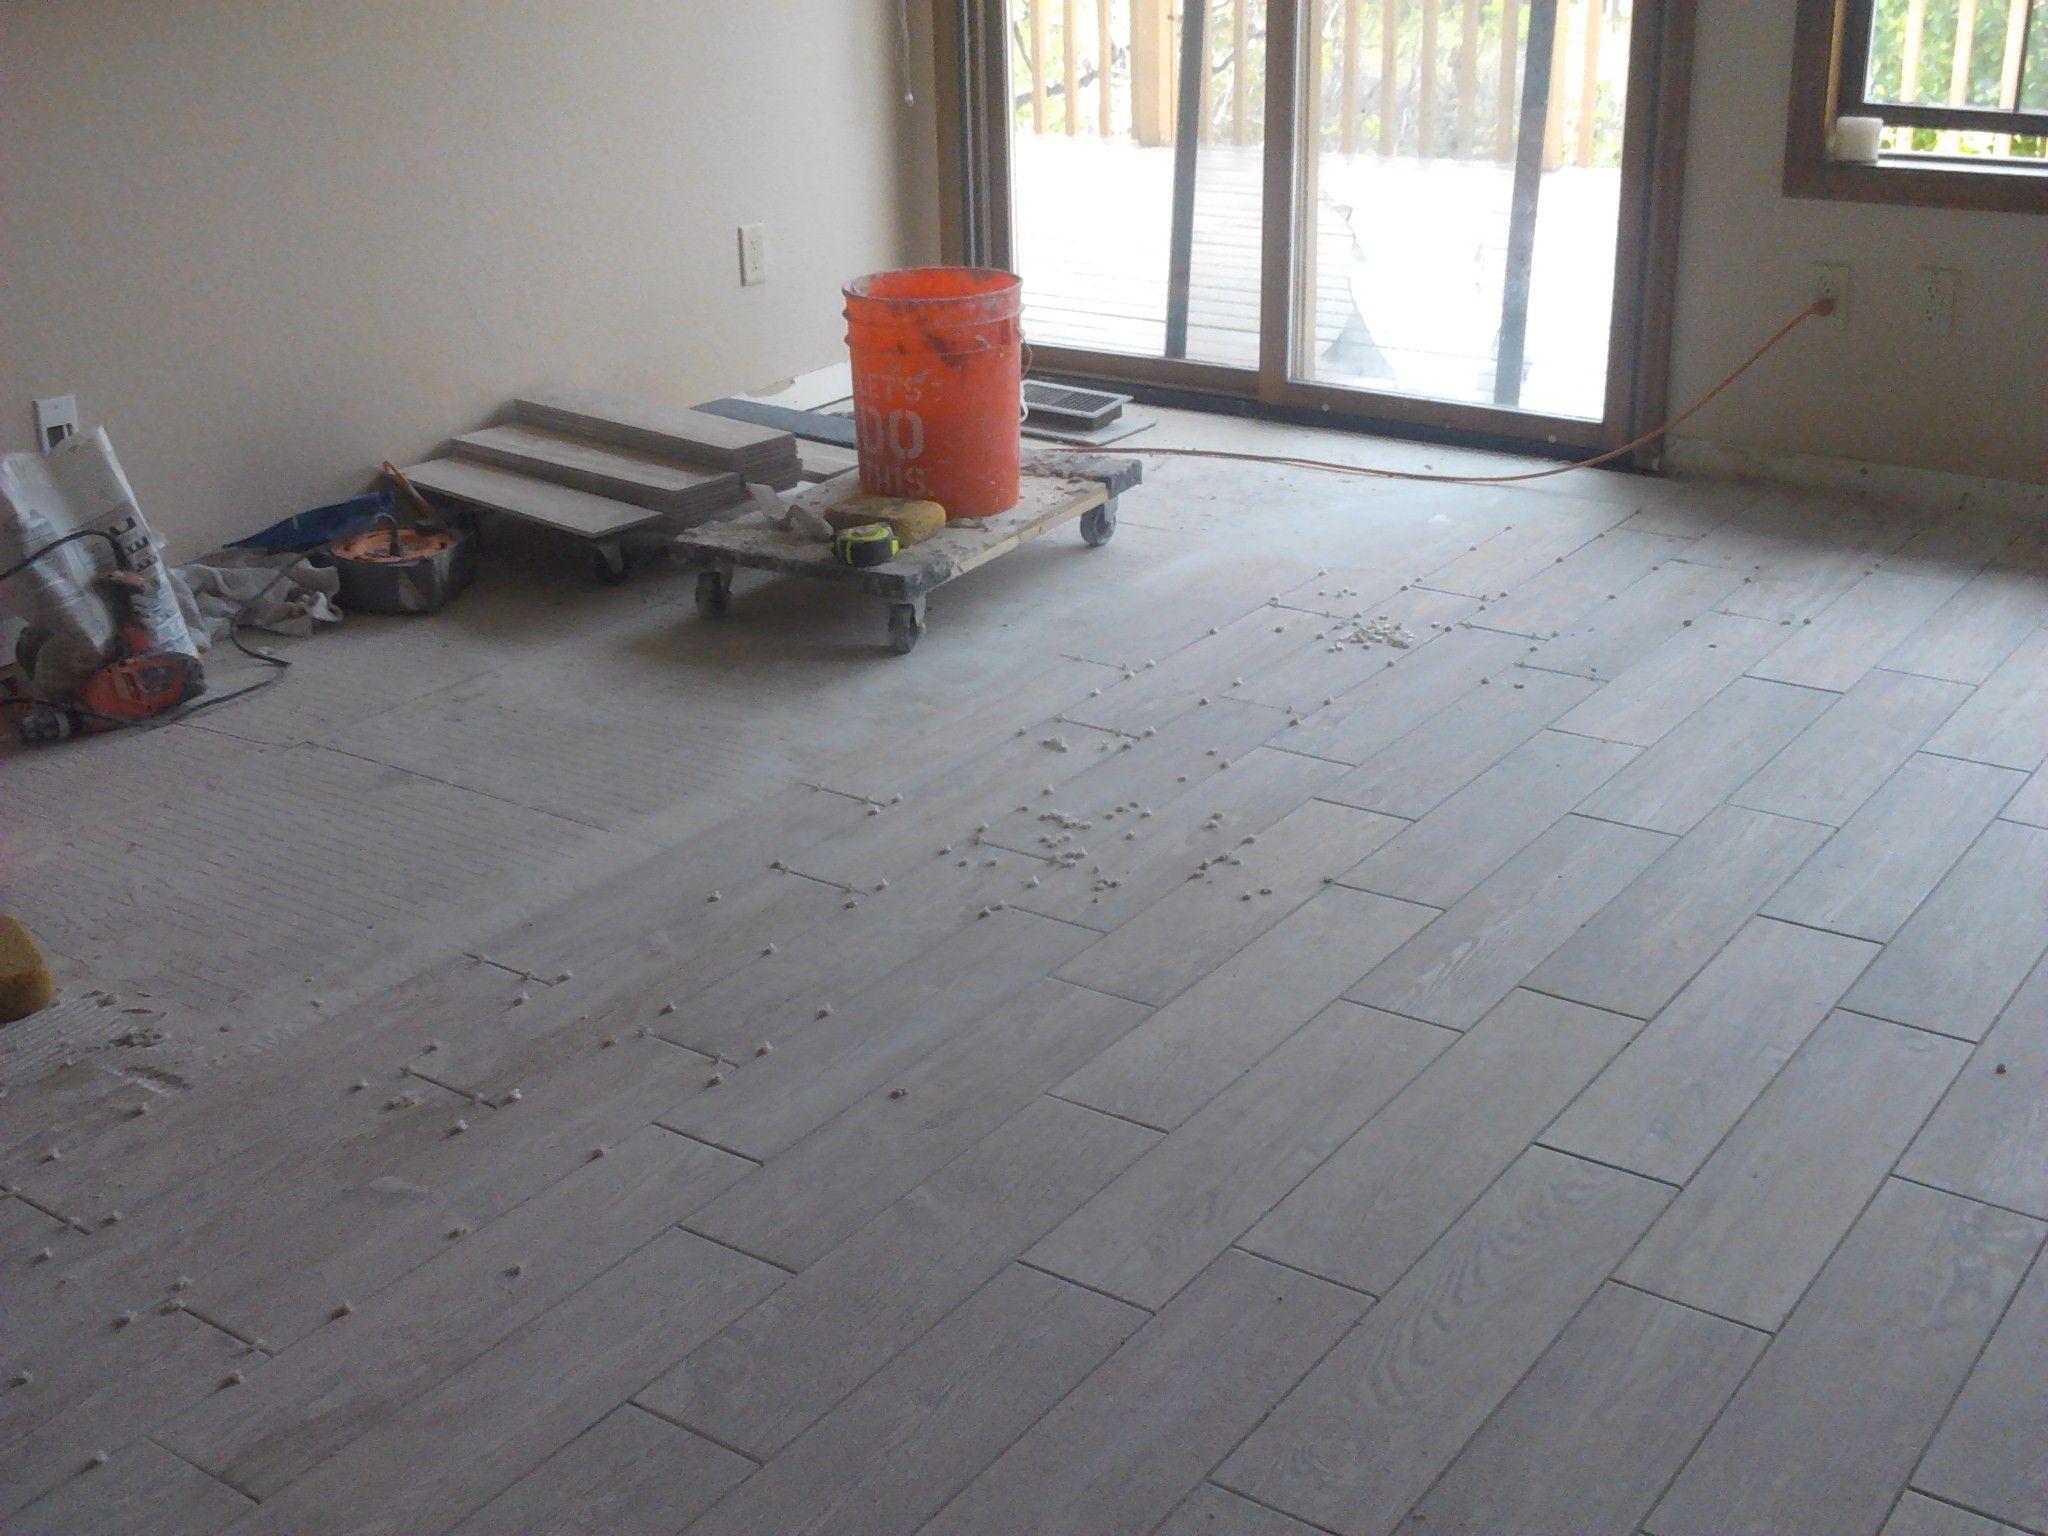 Pin By Avm Home Solutions On Floor Tile Porcelain Wood Grained Finish Light Cream Tile Floor Master Bedding Porcelain Tile